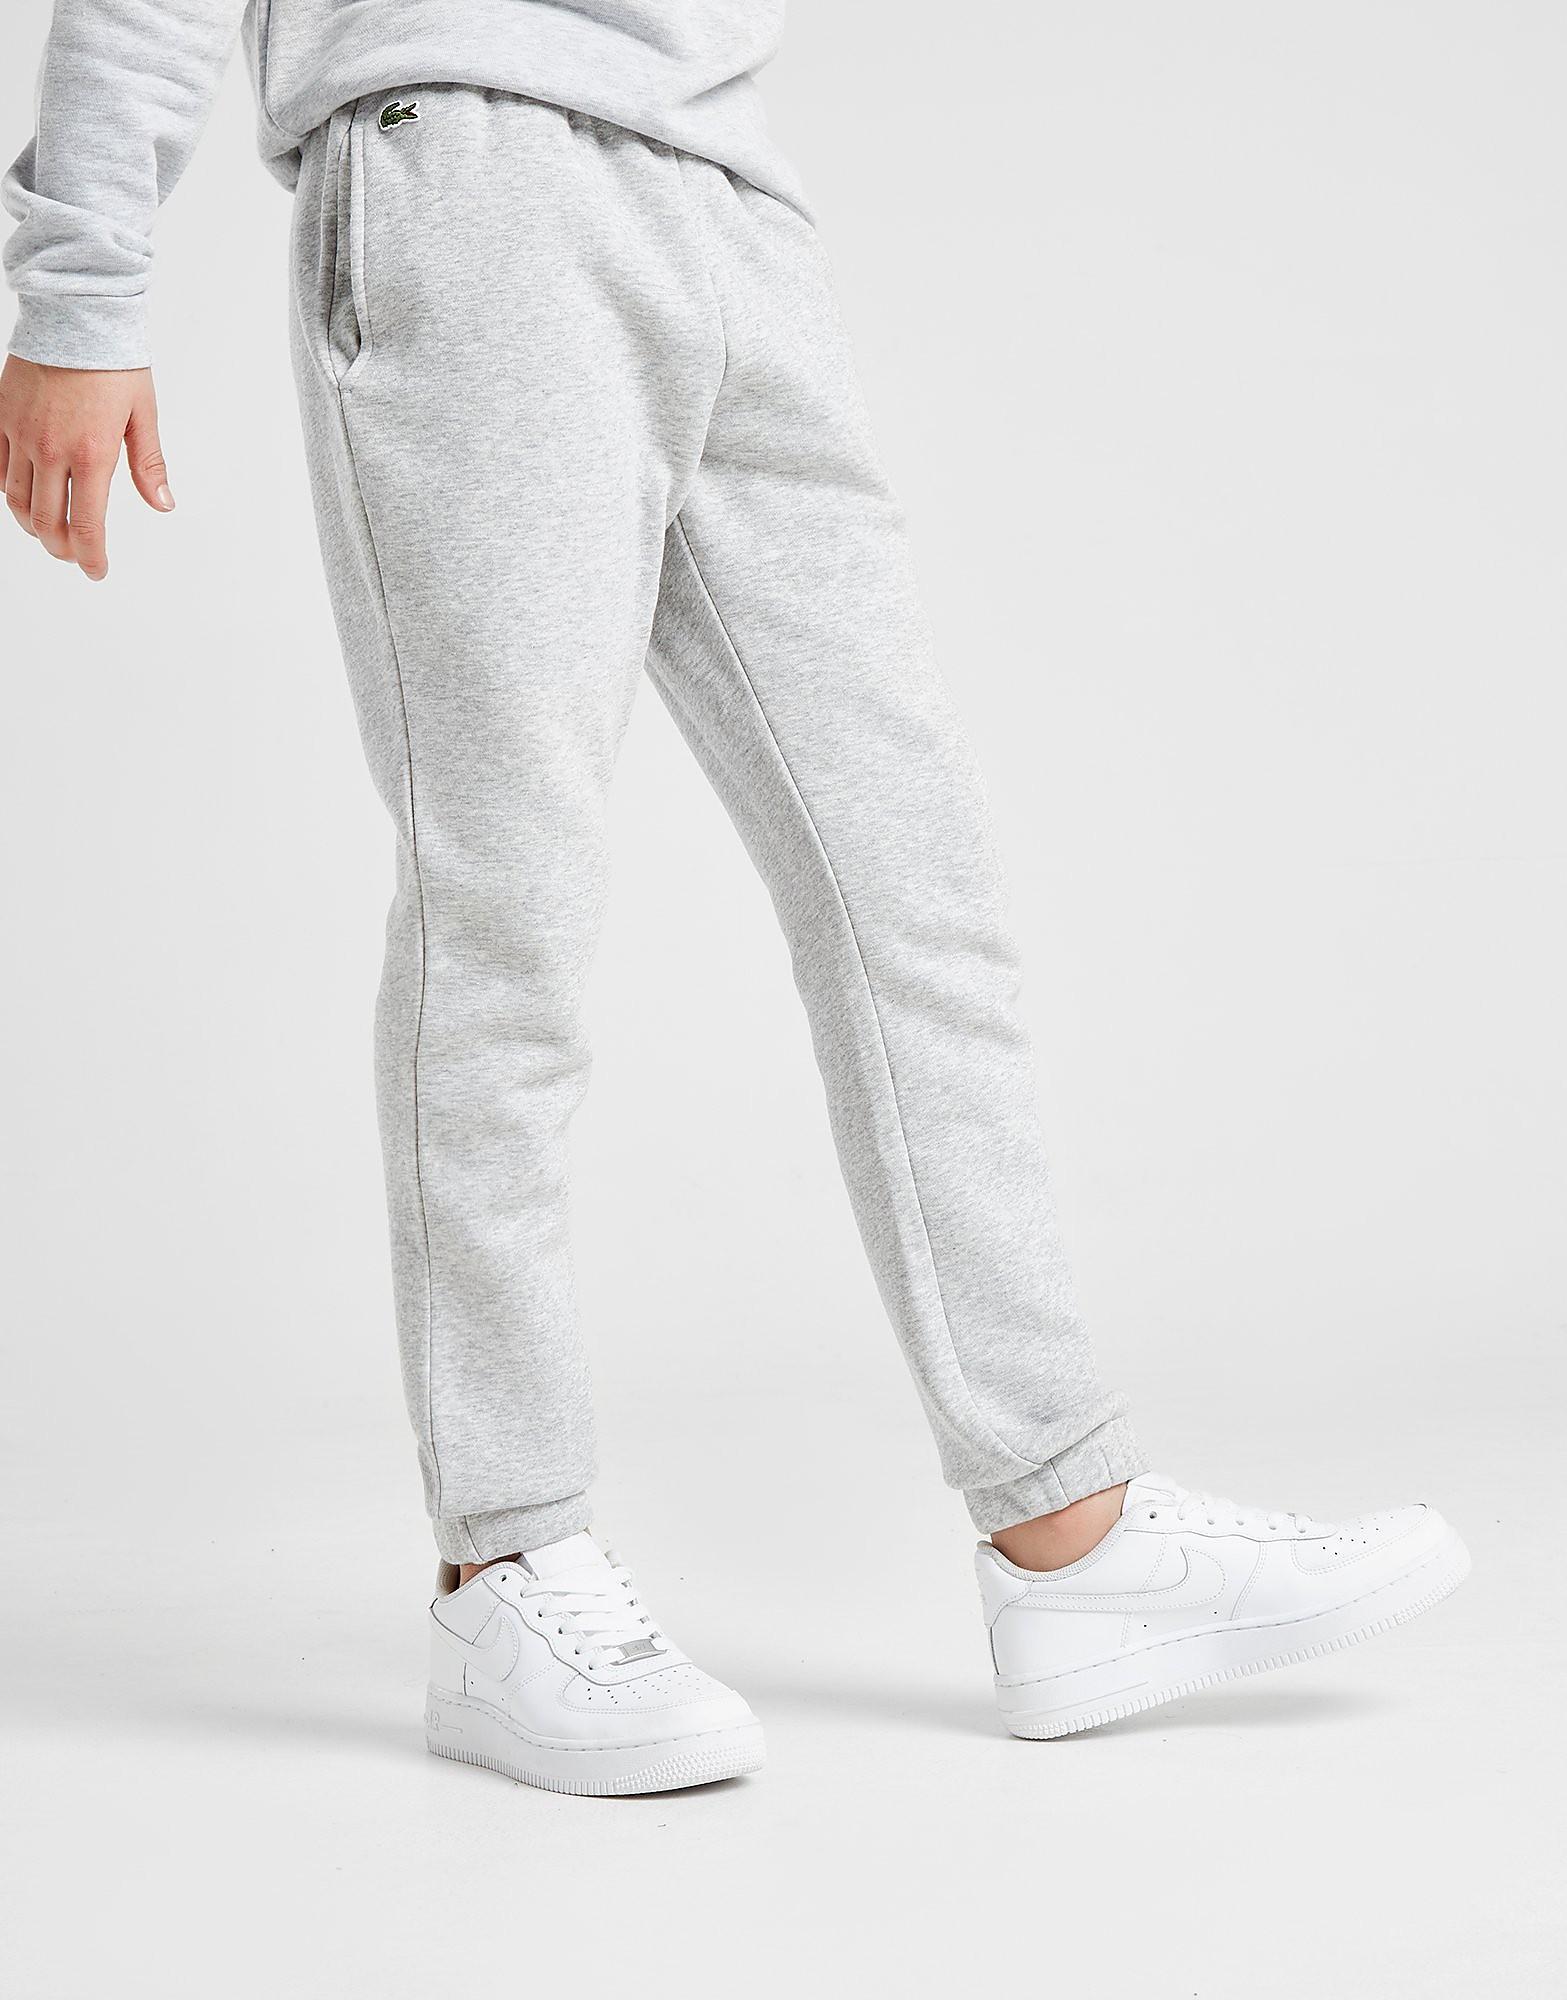 Lacoste pantalón de chándal Small Logo júnior